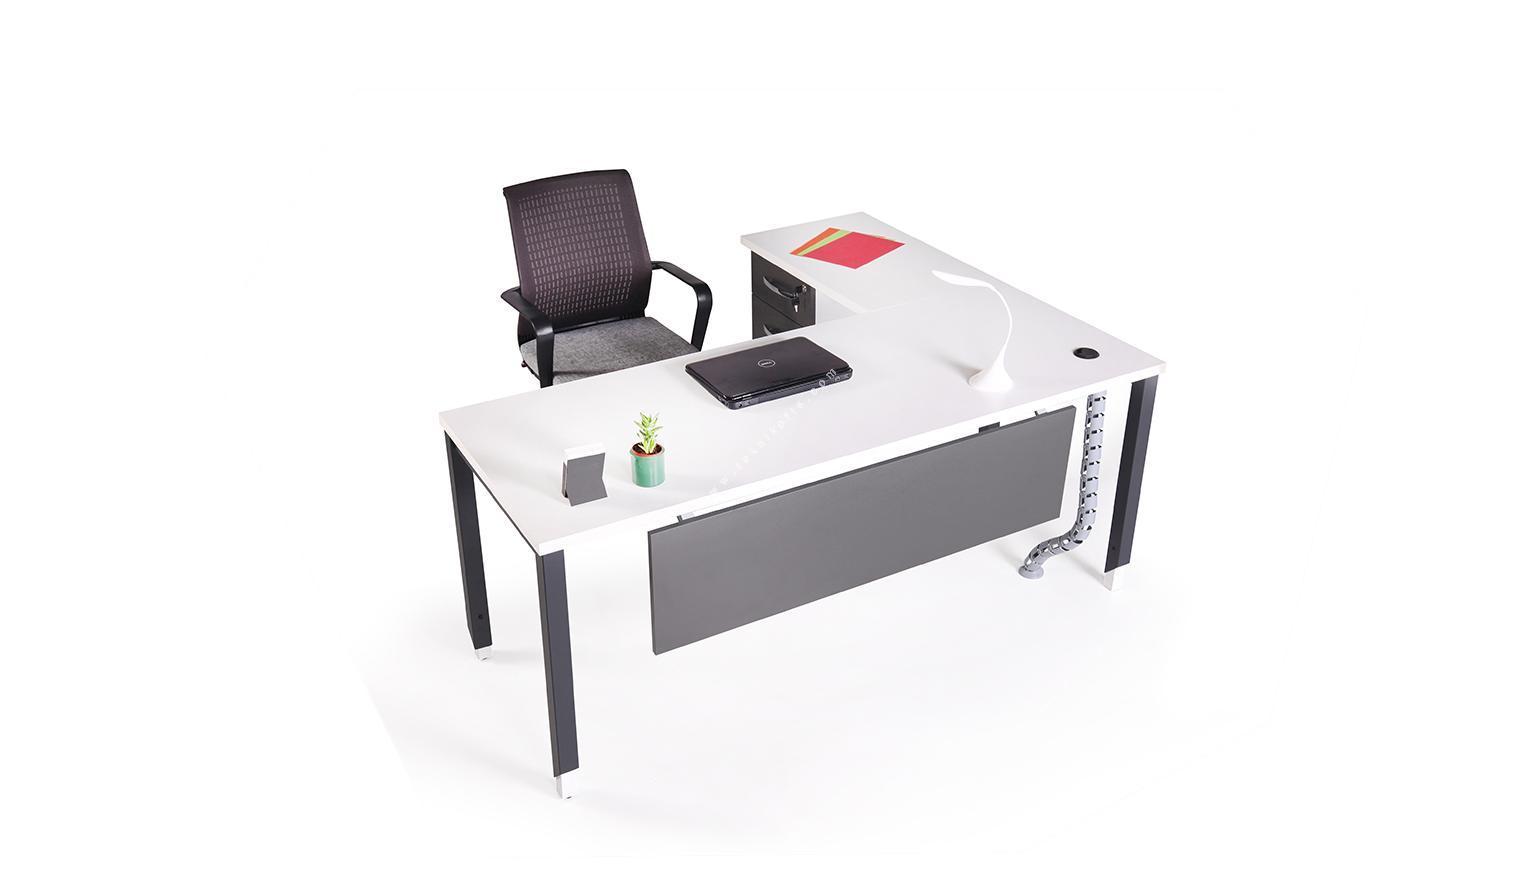 aveon etajerli l çalışma masası 160cm